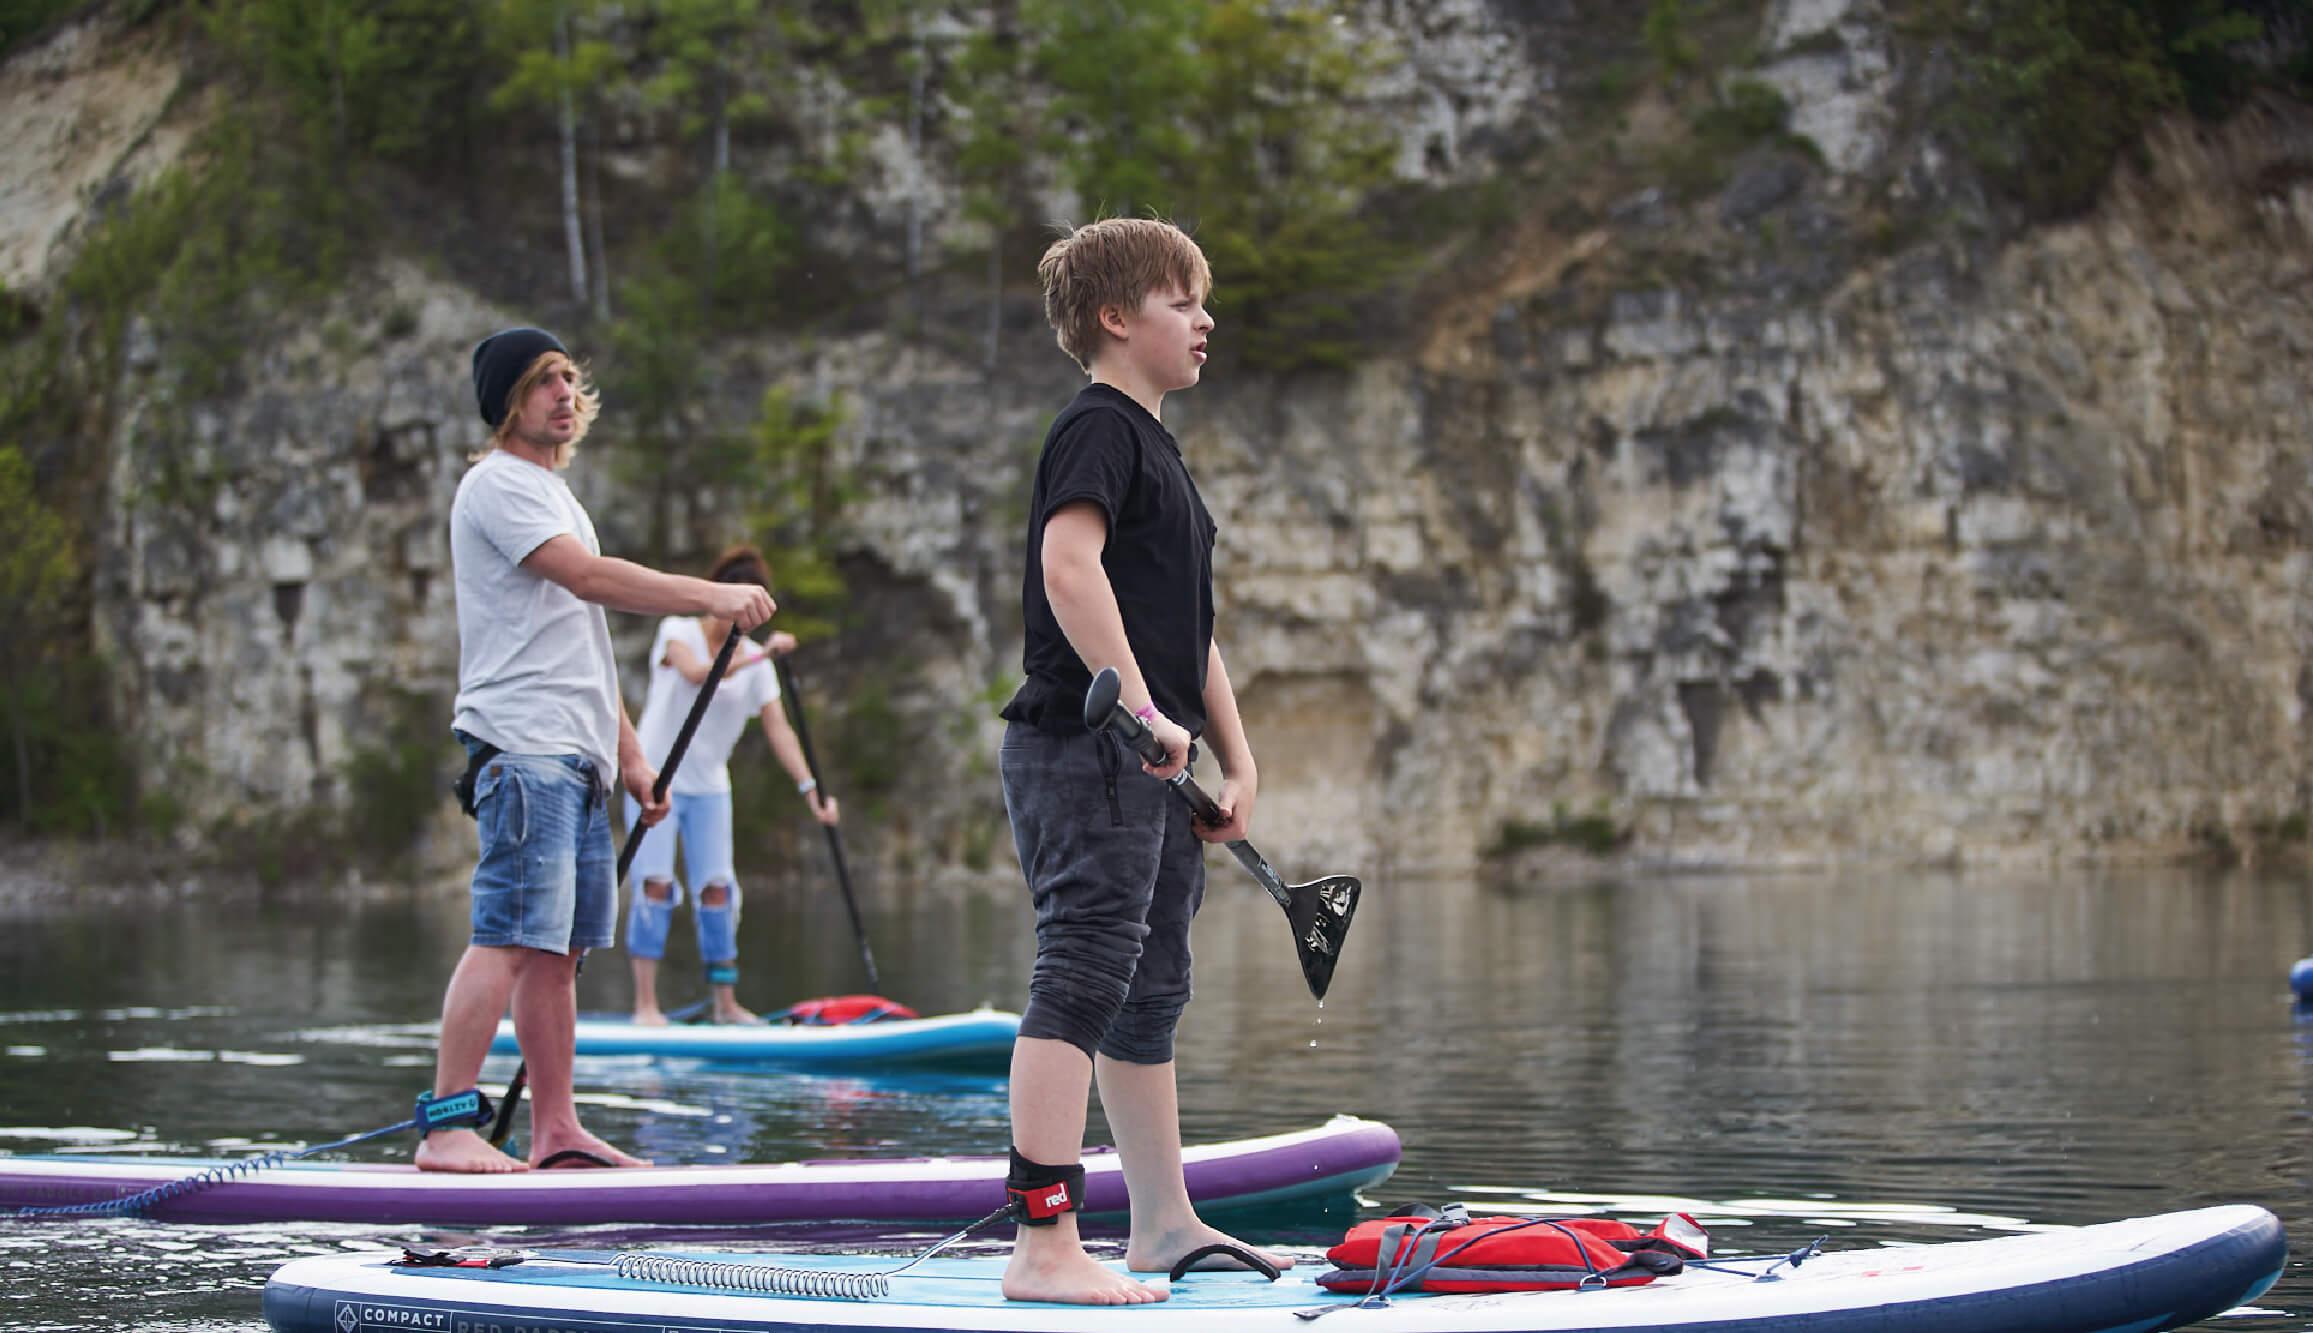 deska sup szkolenie start wypożyczalnia instruktor stand up paddle